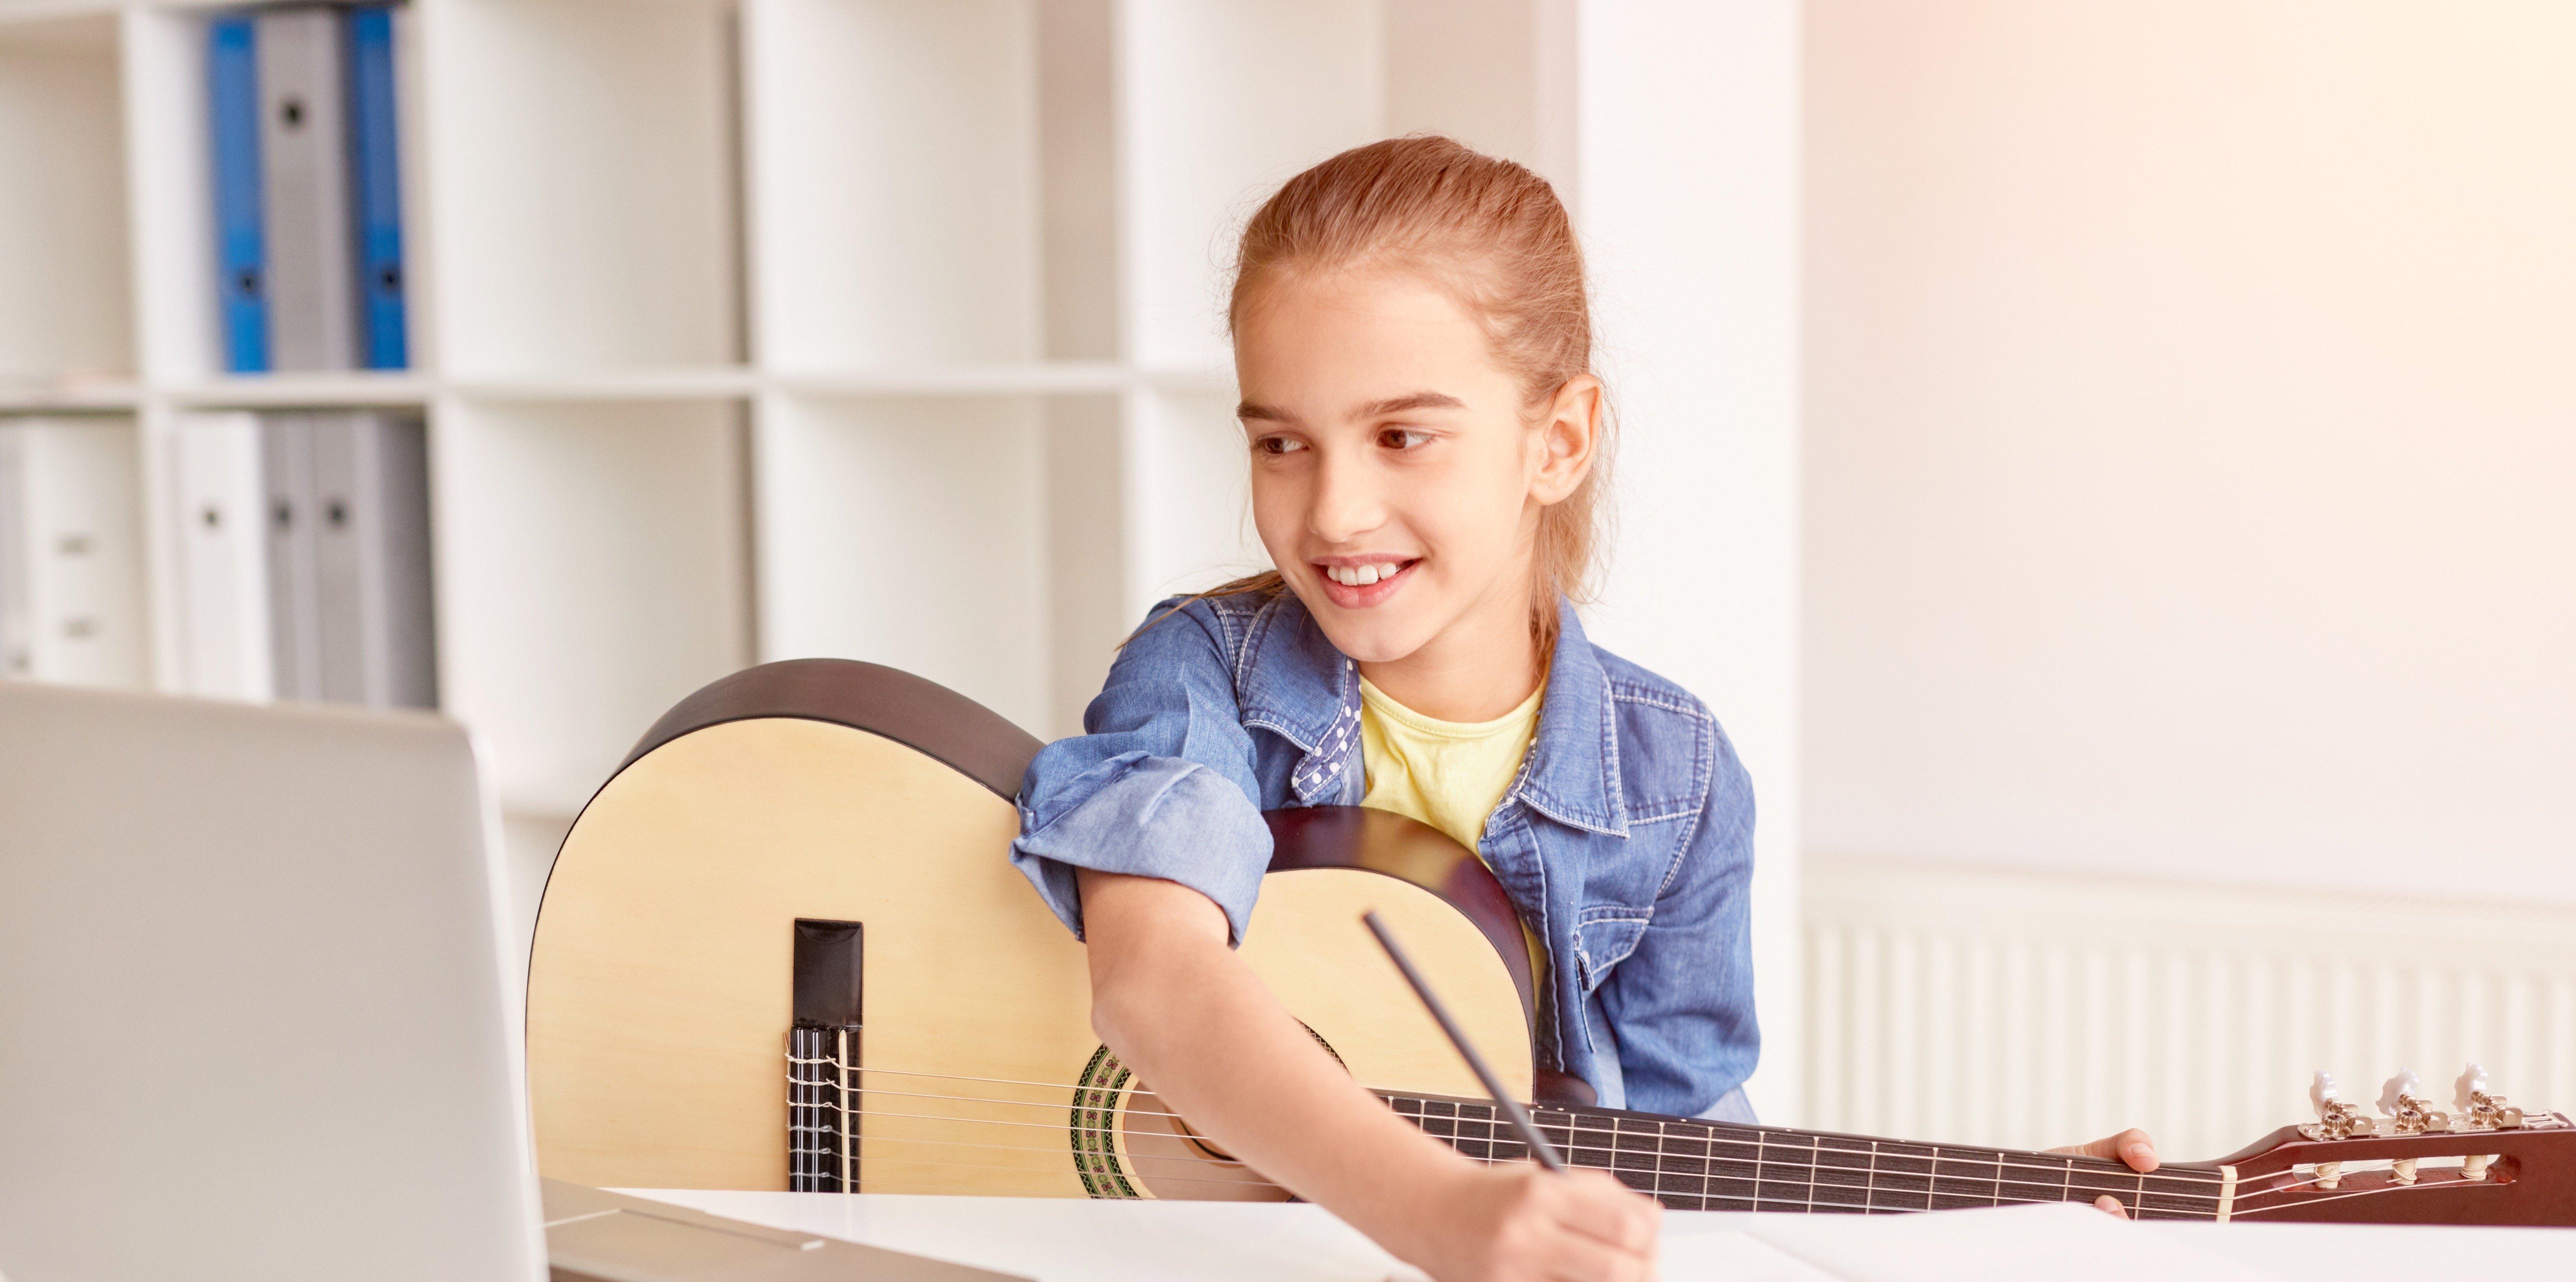 Online Guitar Lesson Girl in Houston TX